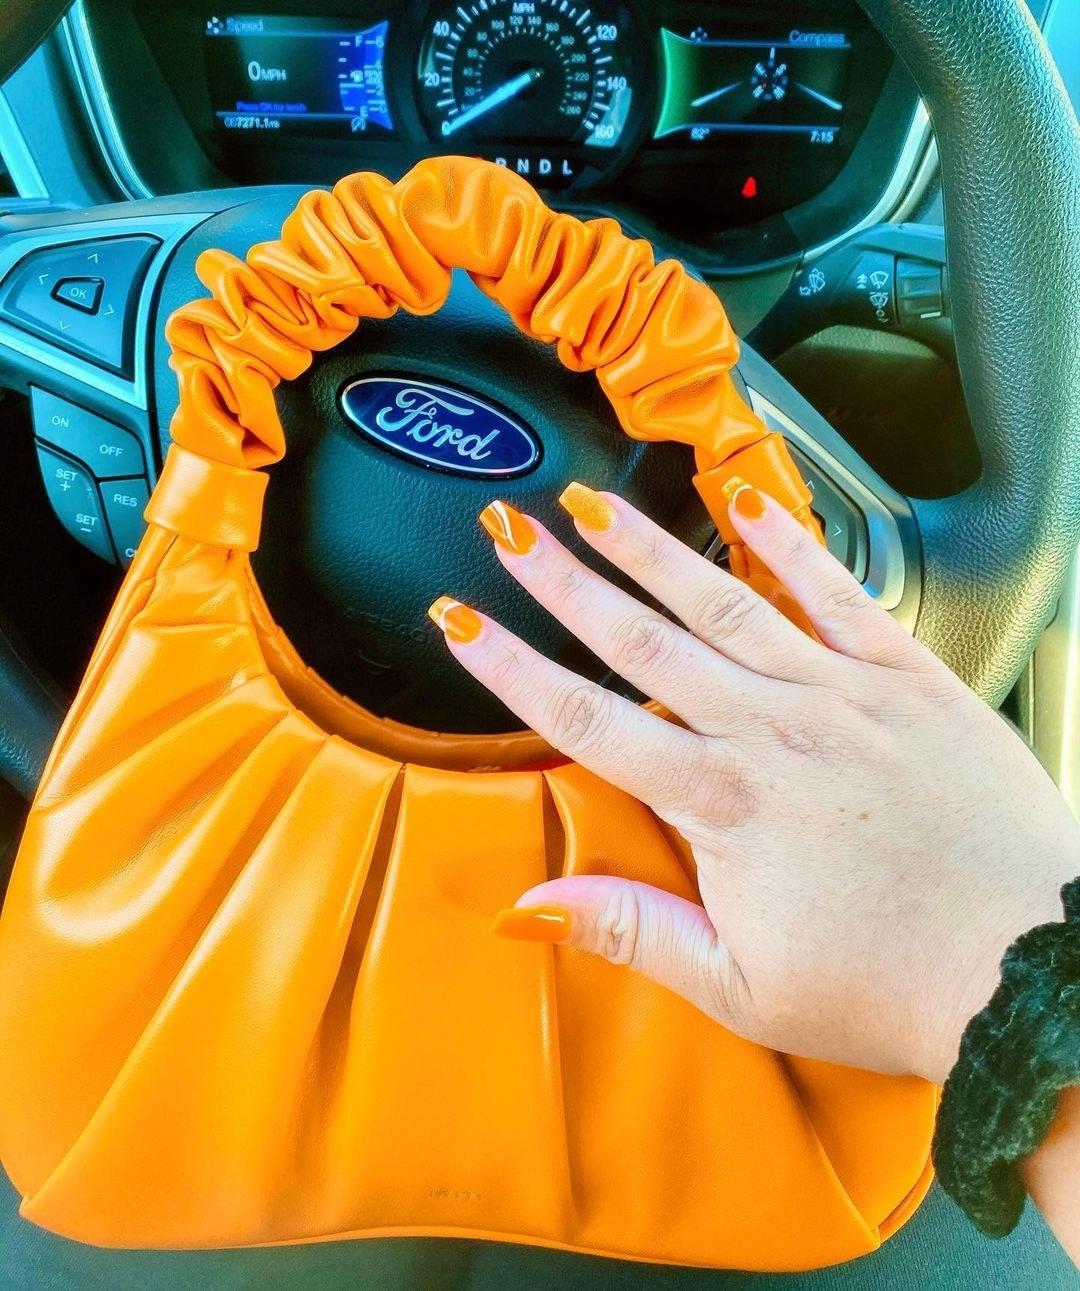 buzzfeed editor's bag in orange